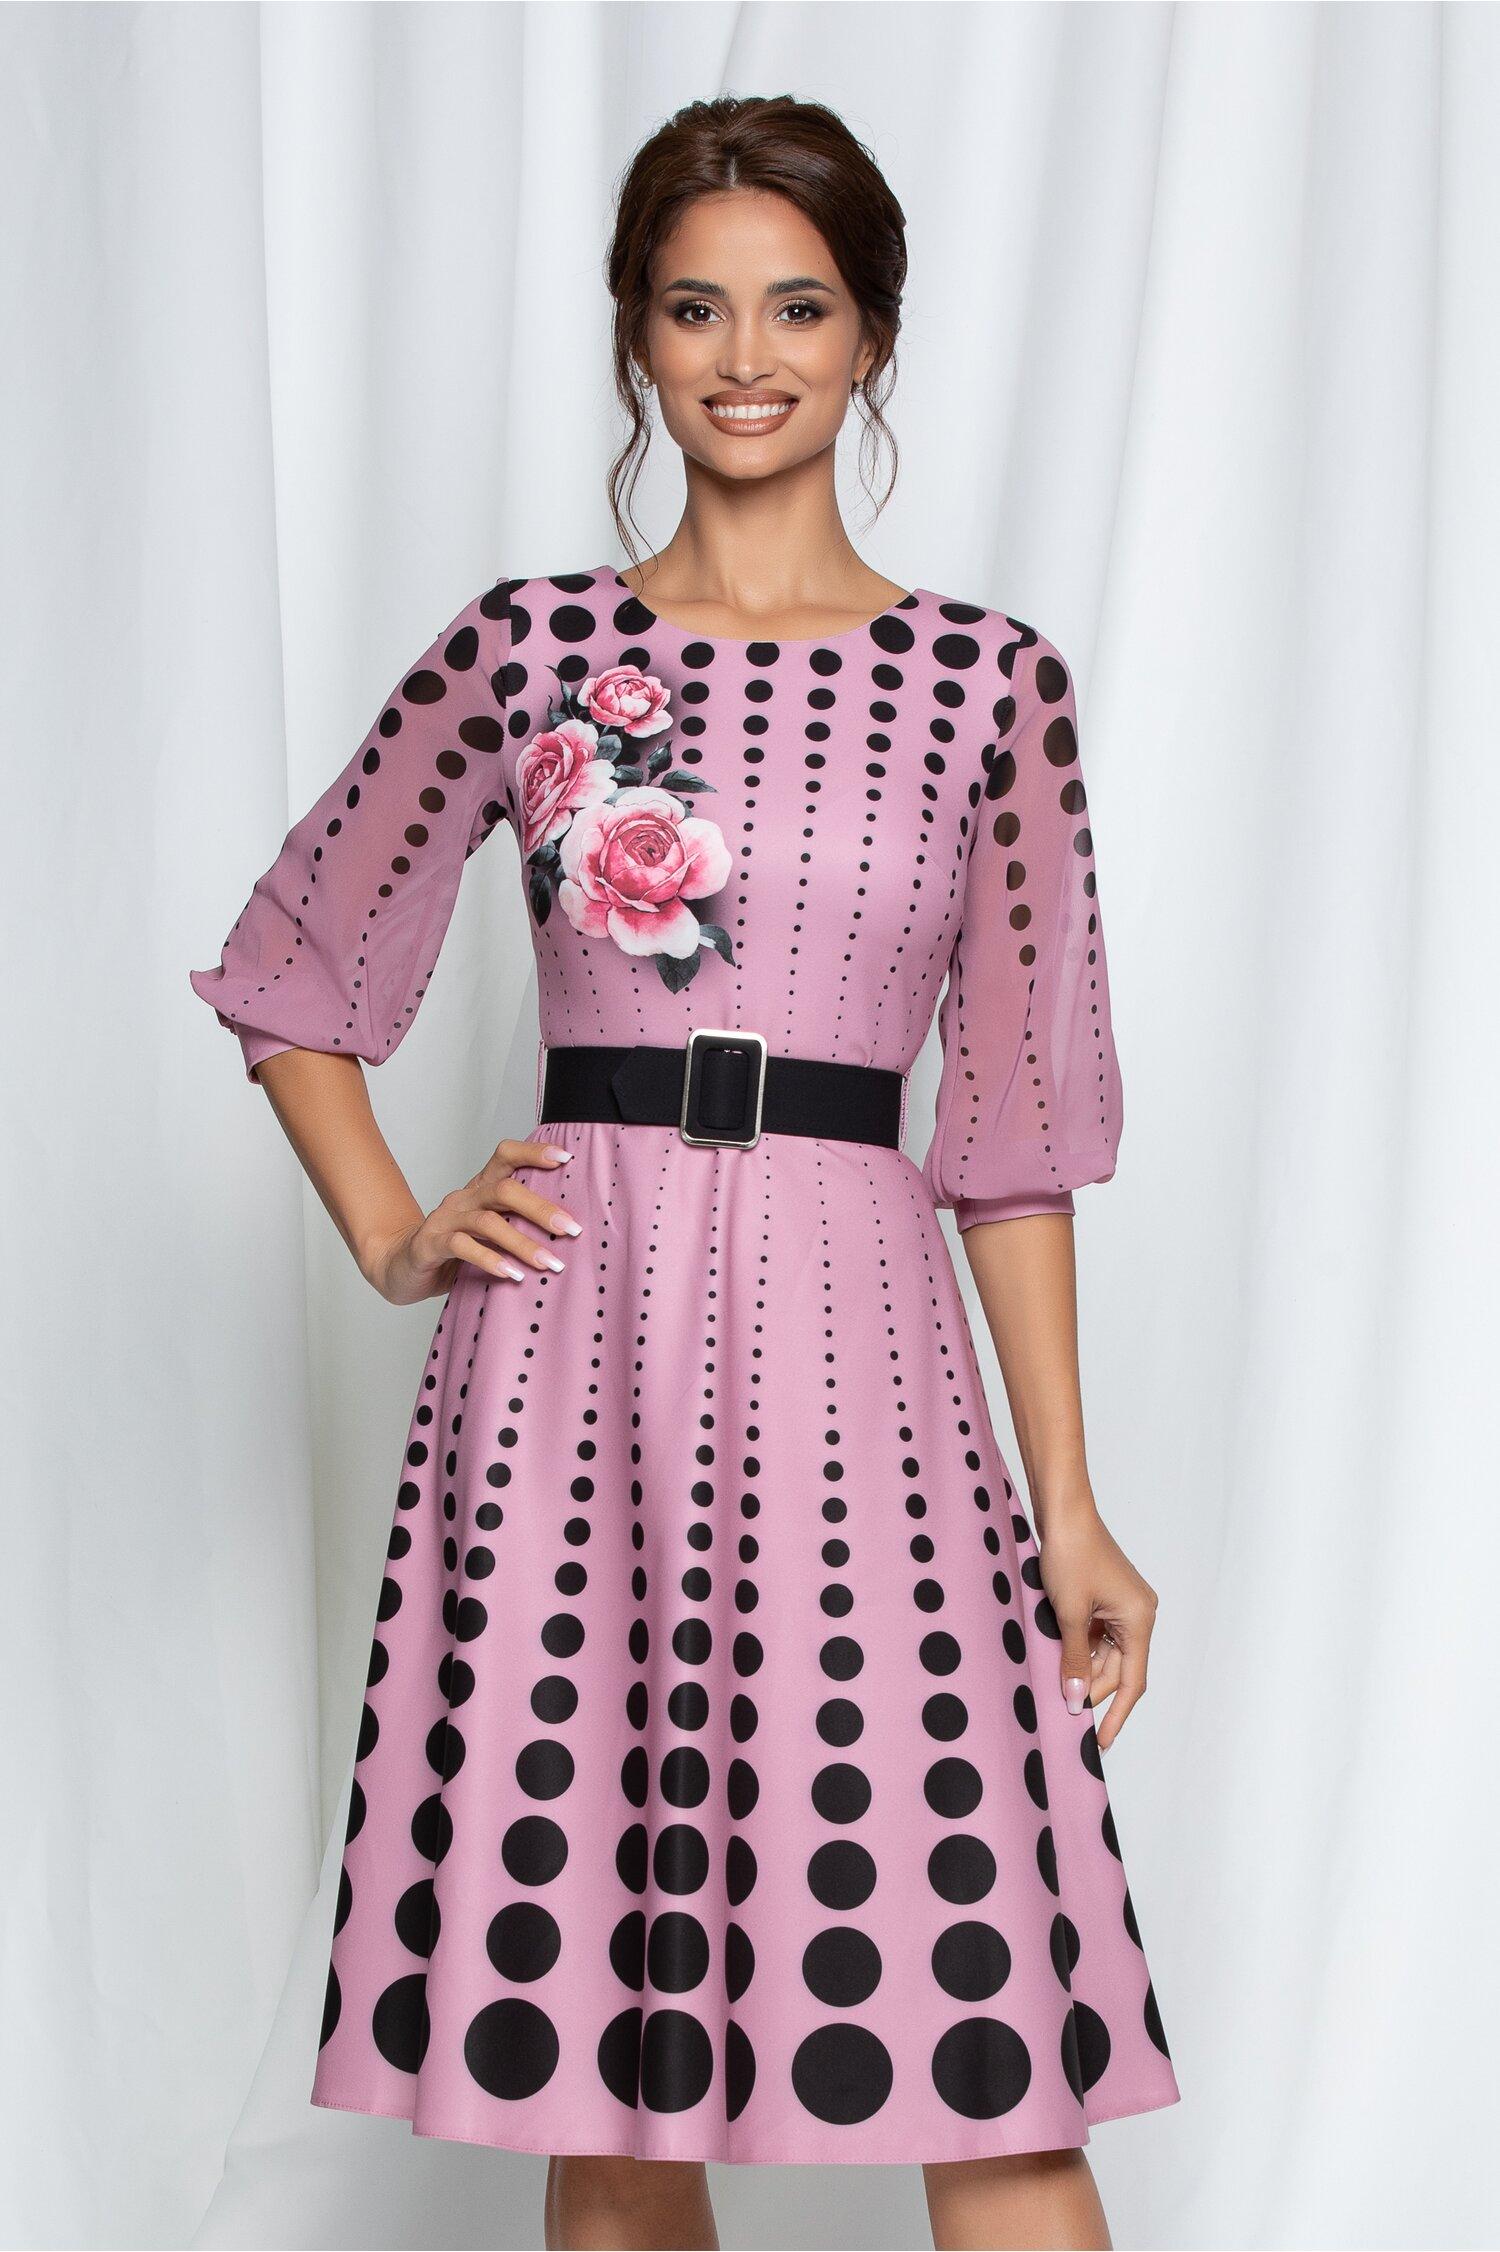 Rochie Alexia roz cu buline negre